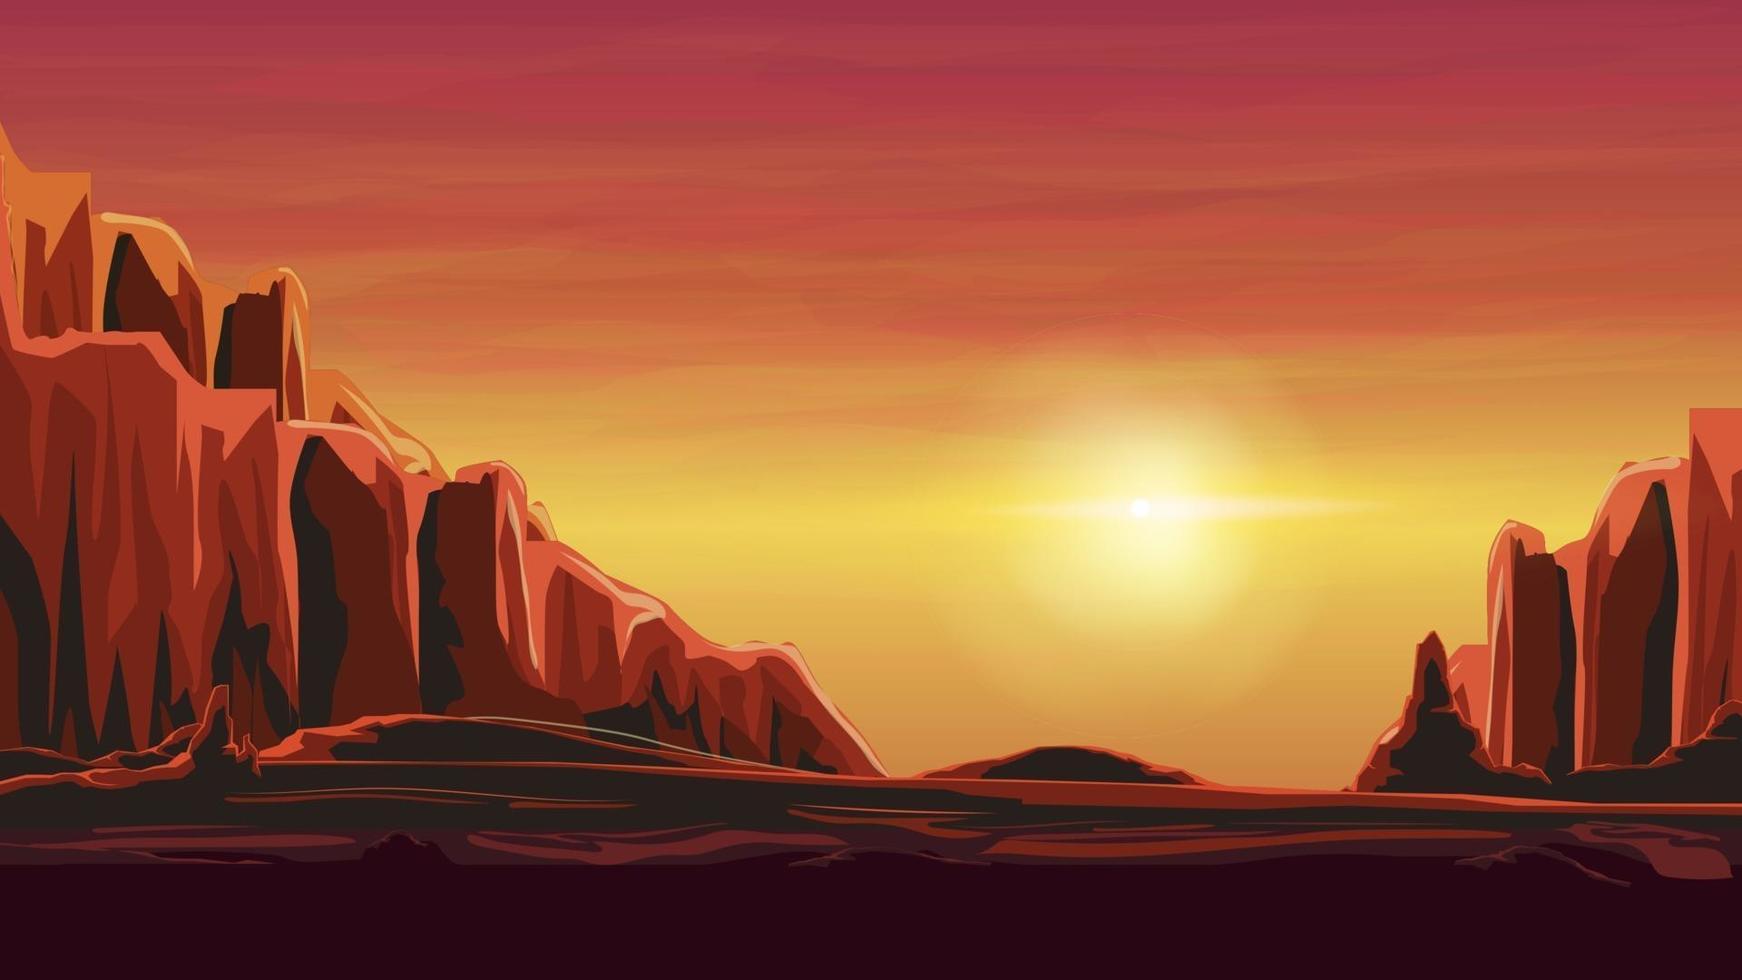 amanecer en un cañón de arena en cálidos tonos anaranjados. ilustración vectorial vector